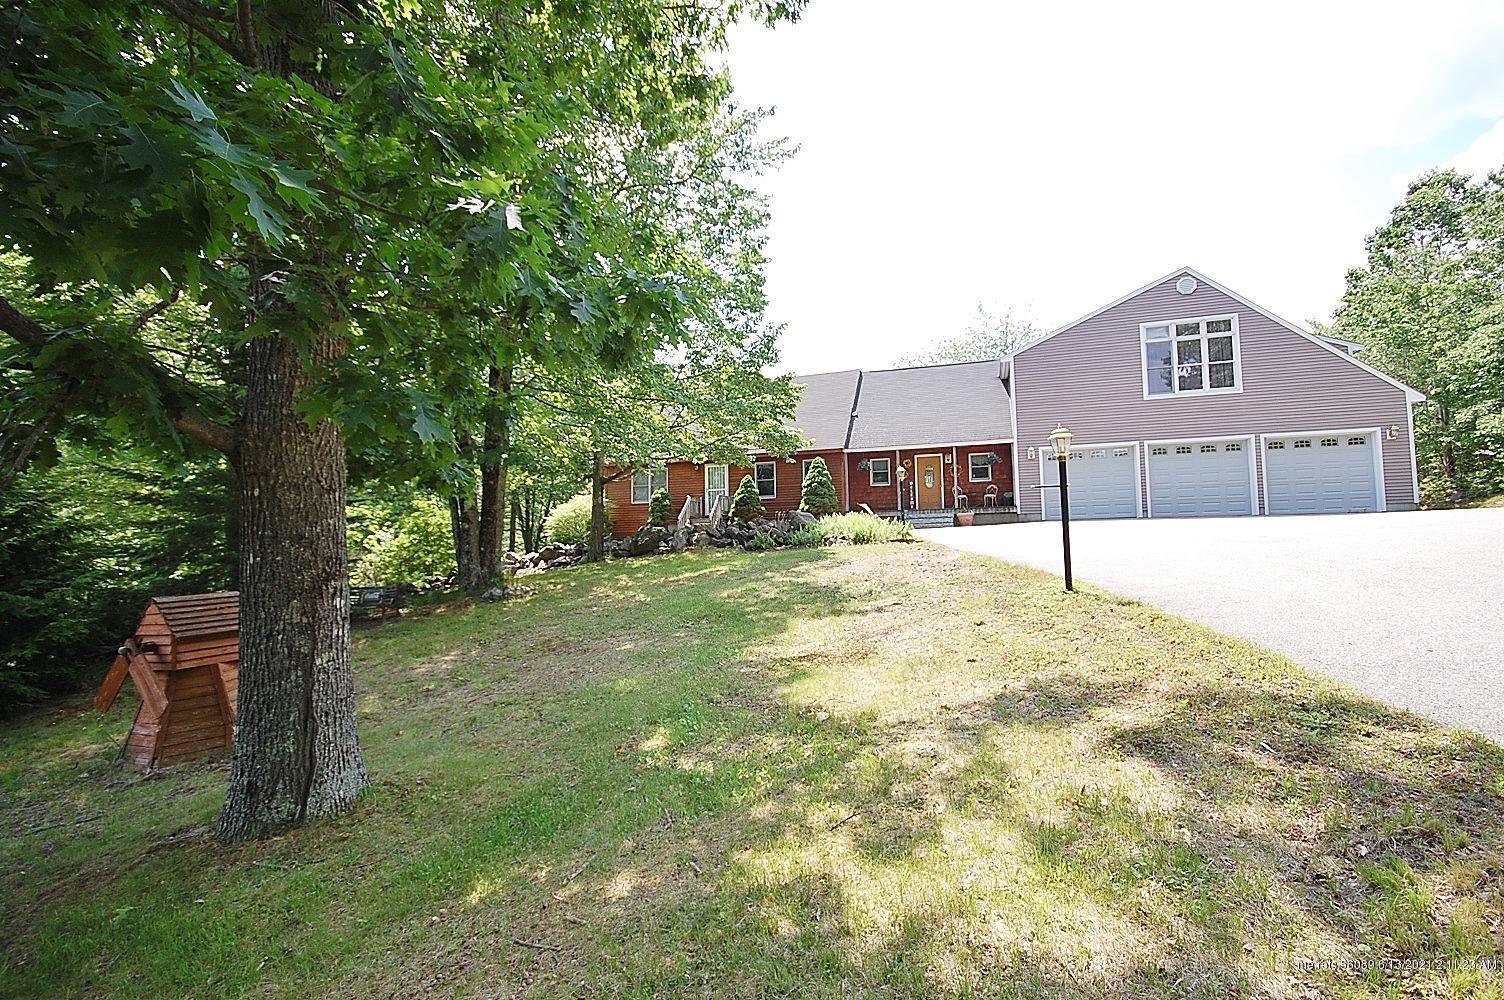 Photo of 904 West Road, Waterboro, ME 04087 (MLS # 1495611)